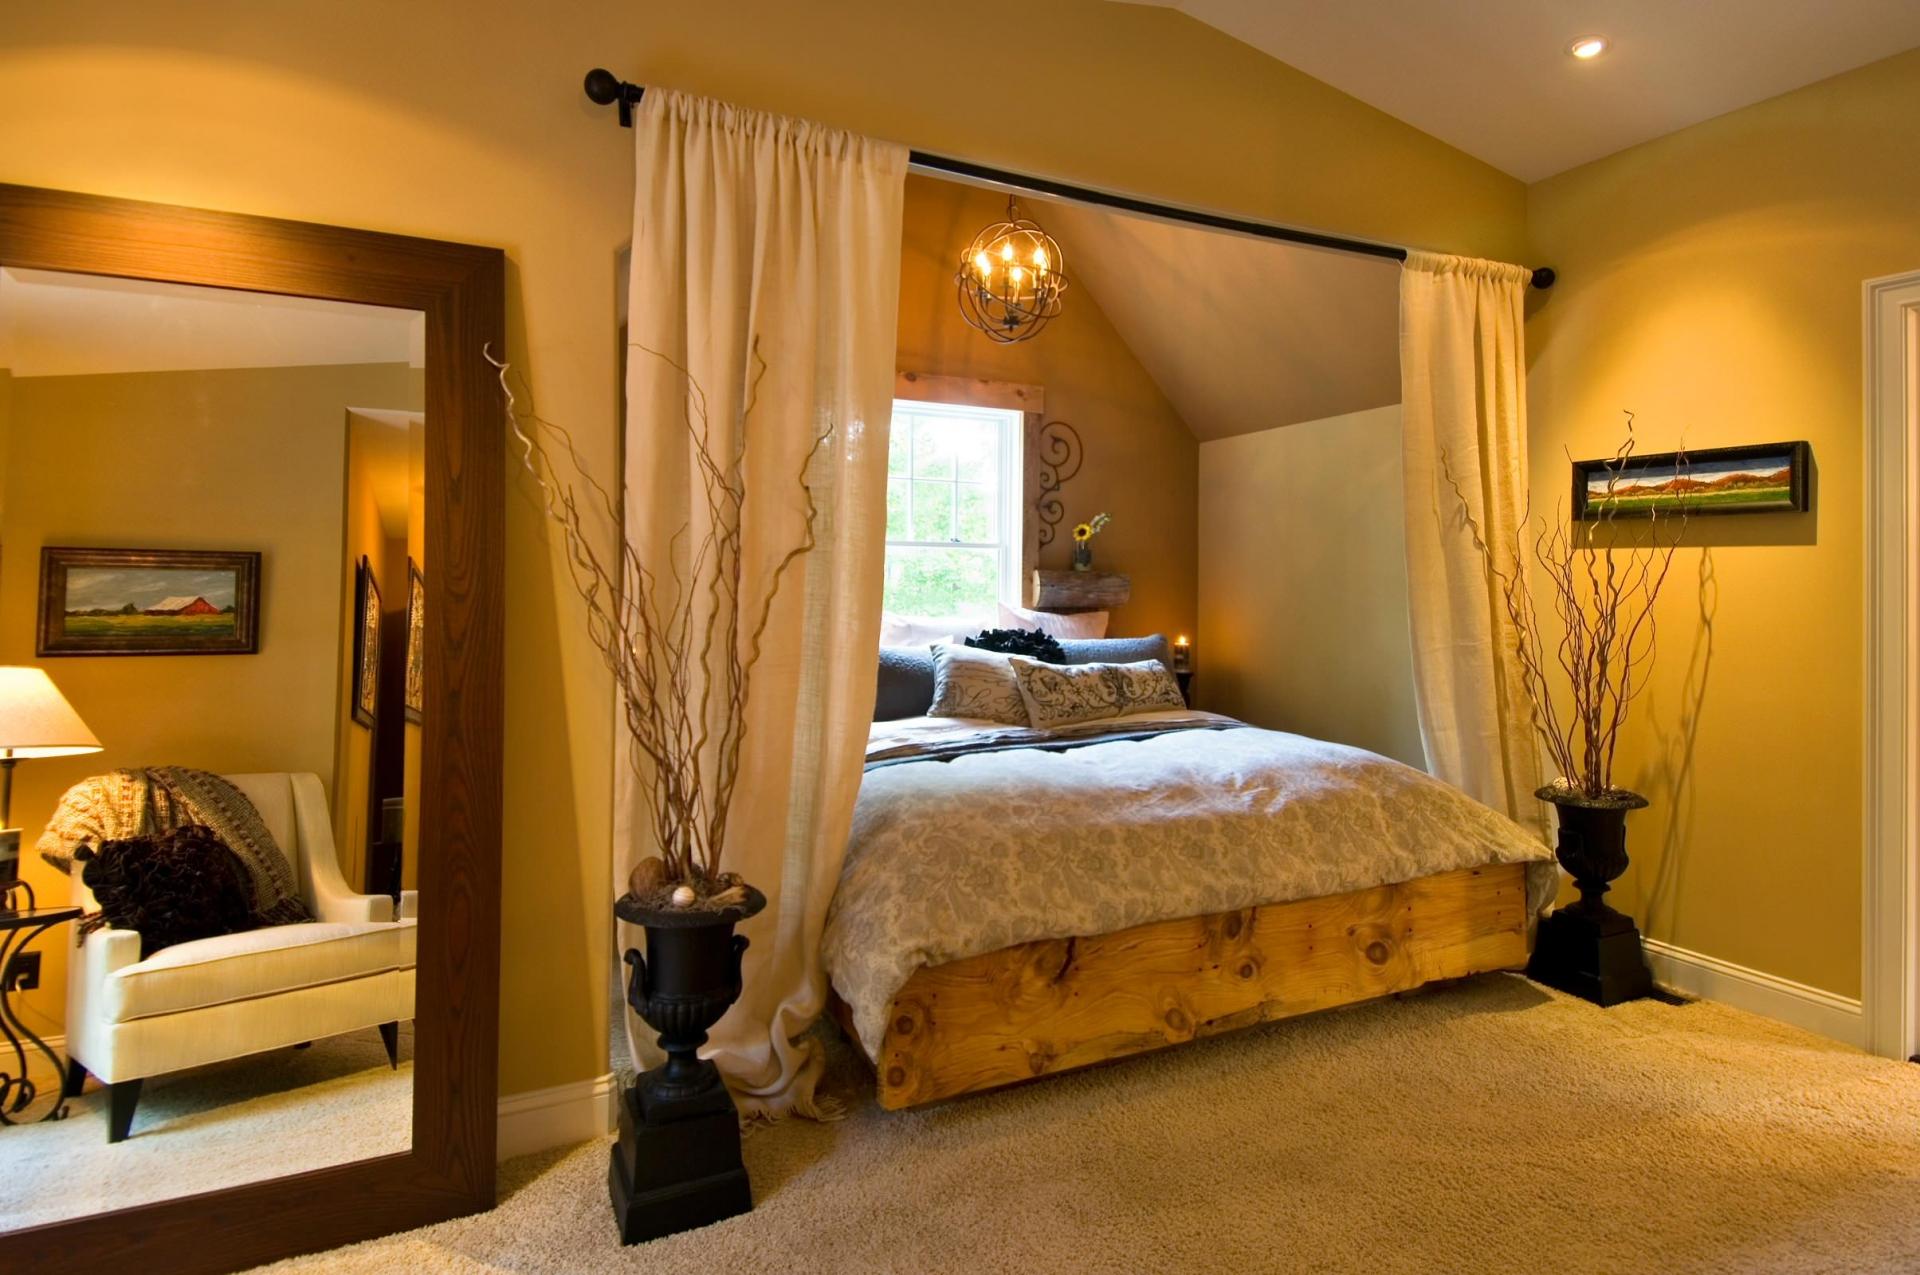 Гостиная спальня в стиле кантри